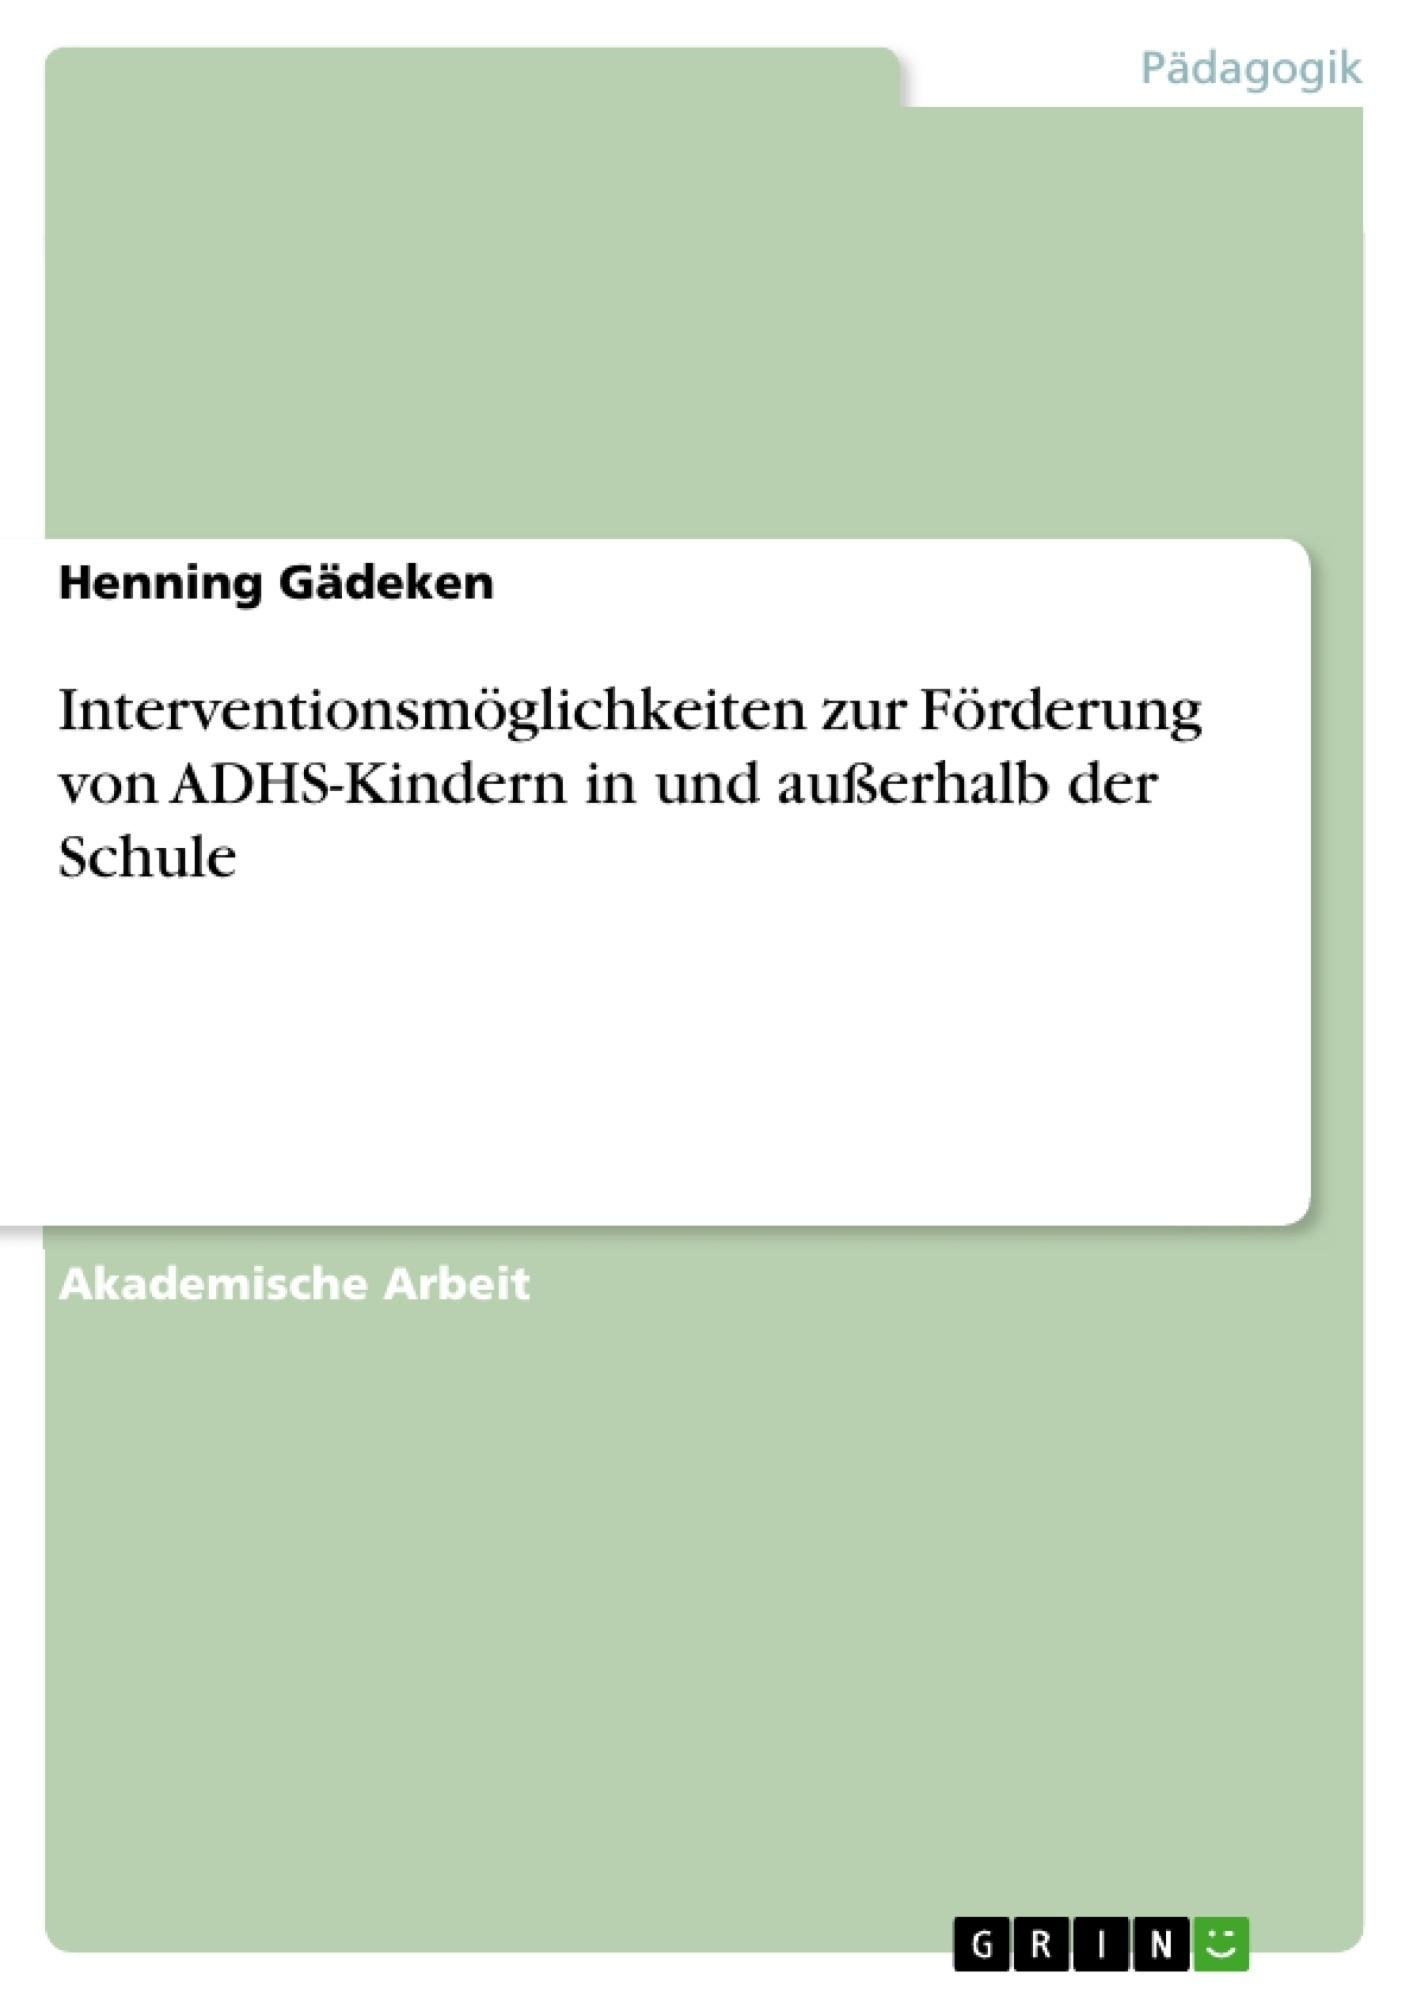 Titel: Interventionsmöglichkeiten zur Förderung von ADHS-Kindern in und außerhalb der Schule